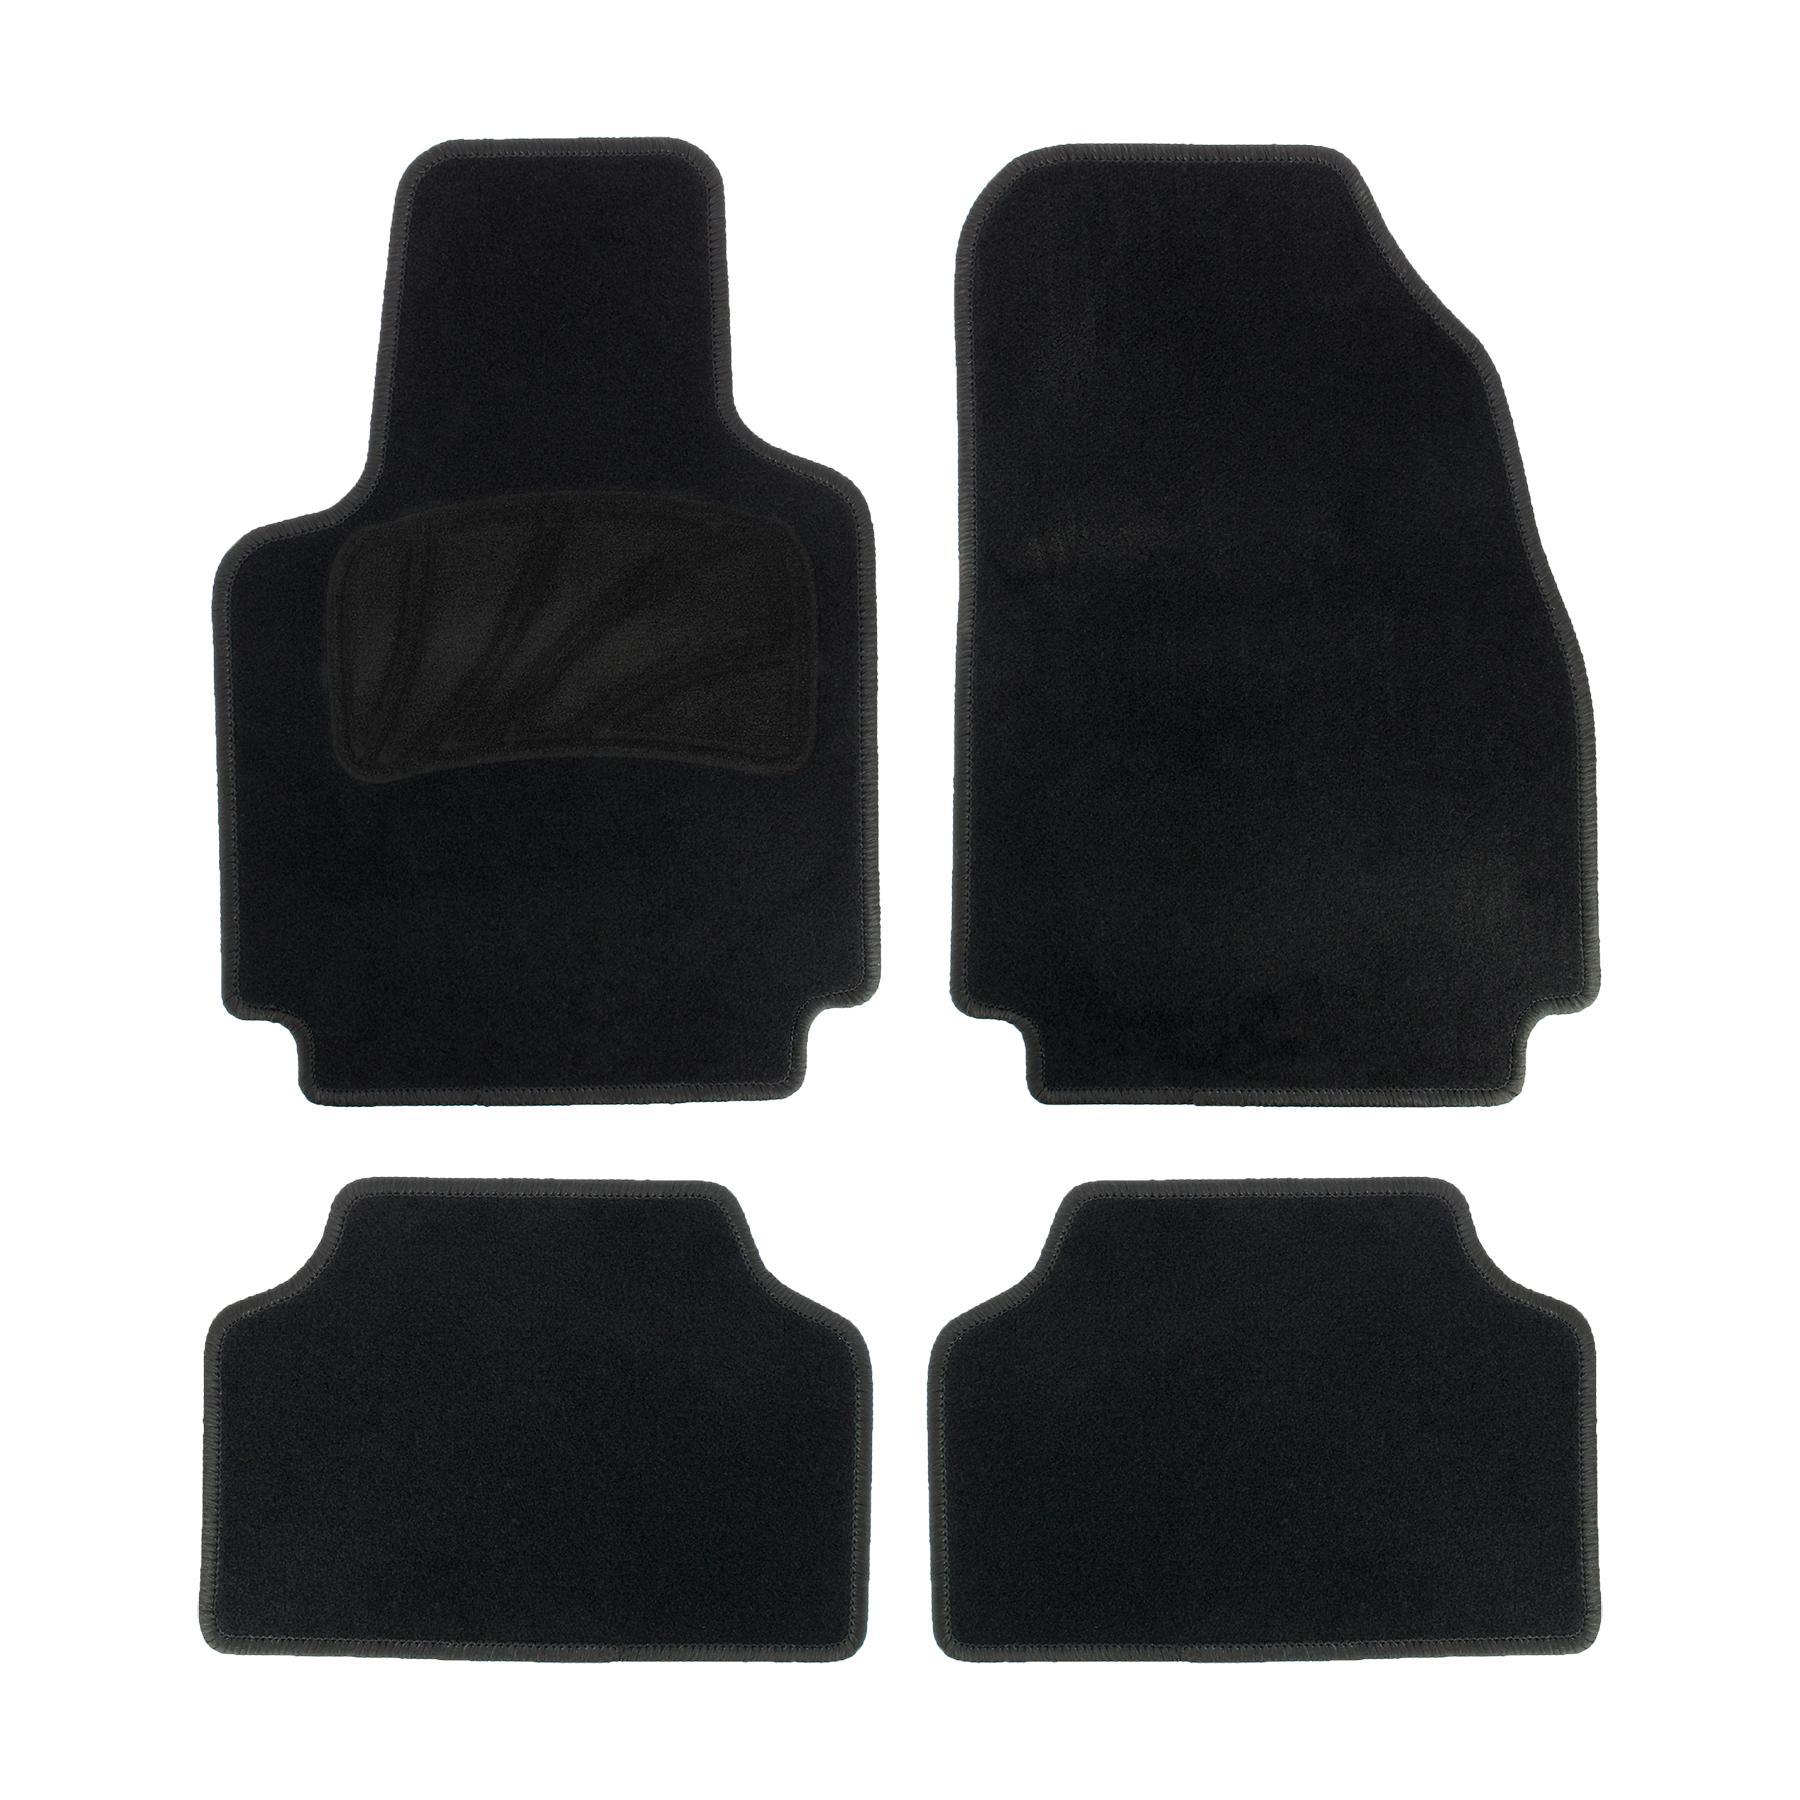 165156 RED SIGN Universelle passform PP (Polypropylen), vorne und hinten, Menge: 4, schwarz Autofußmatten 165156 günstig kaufen